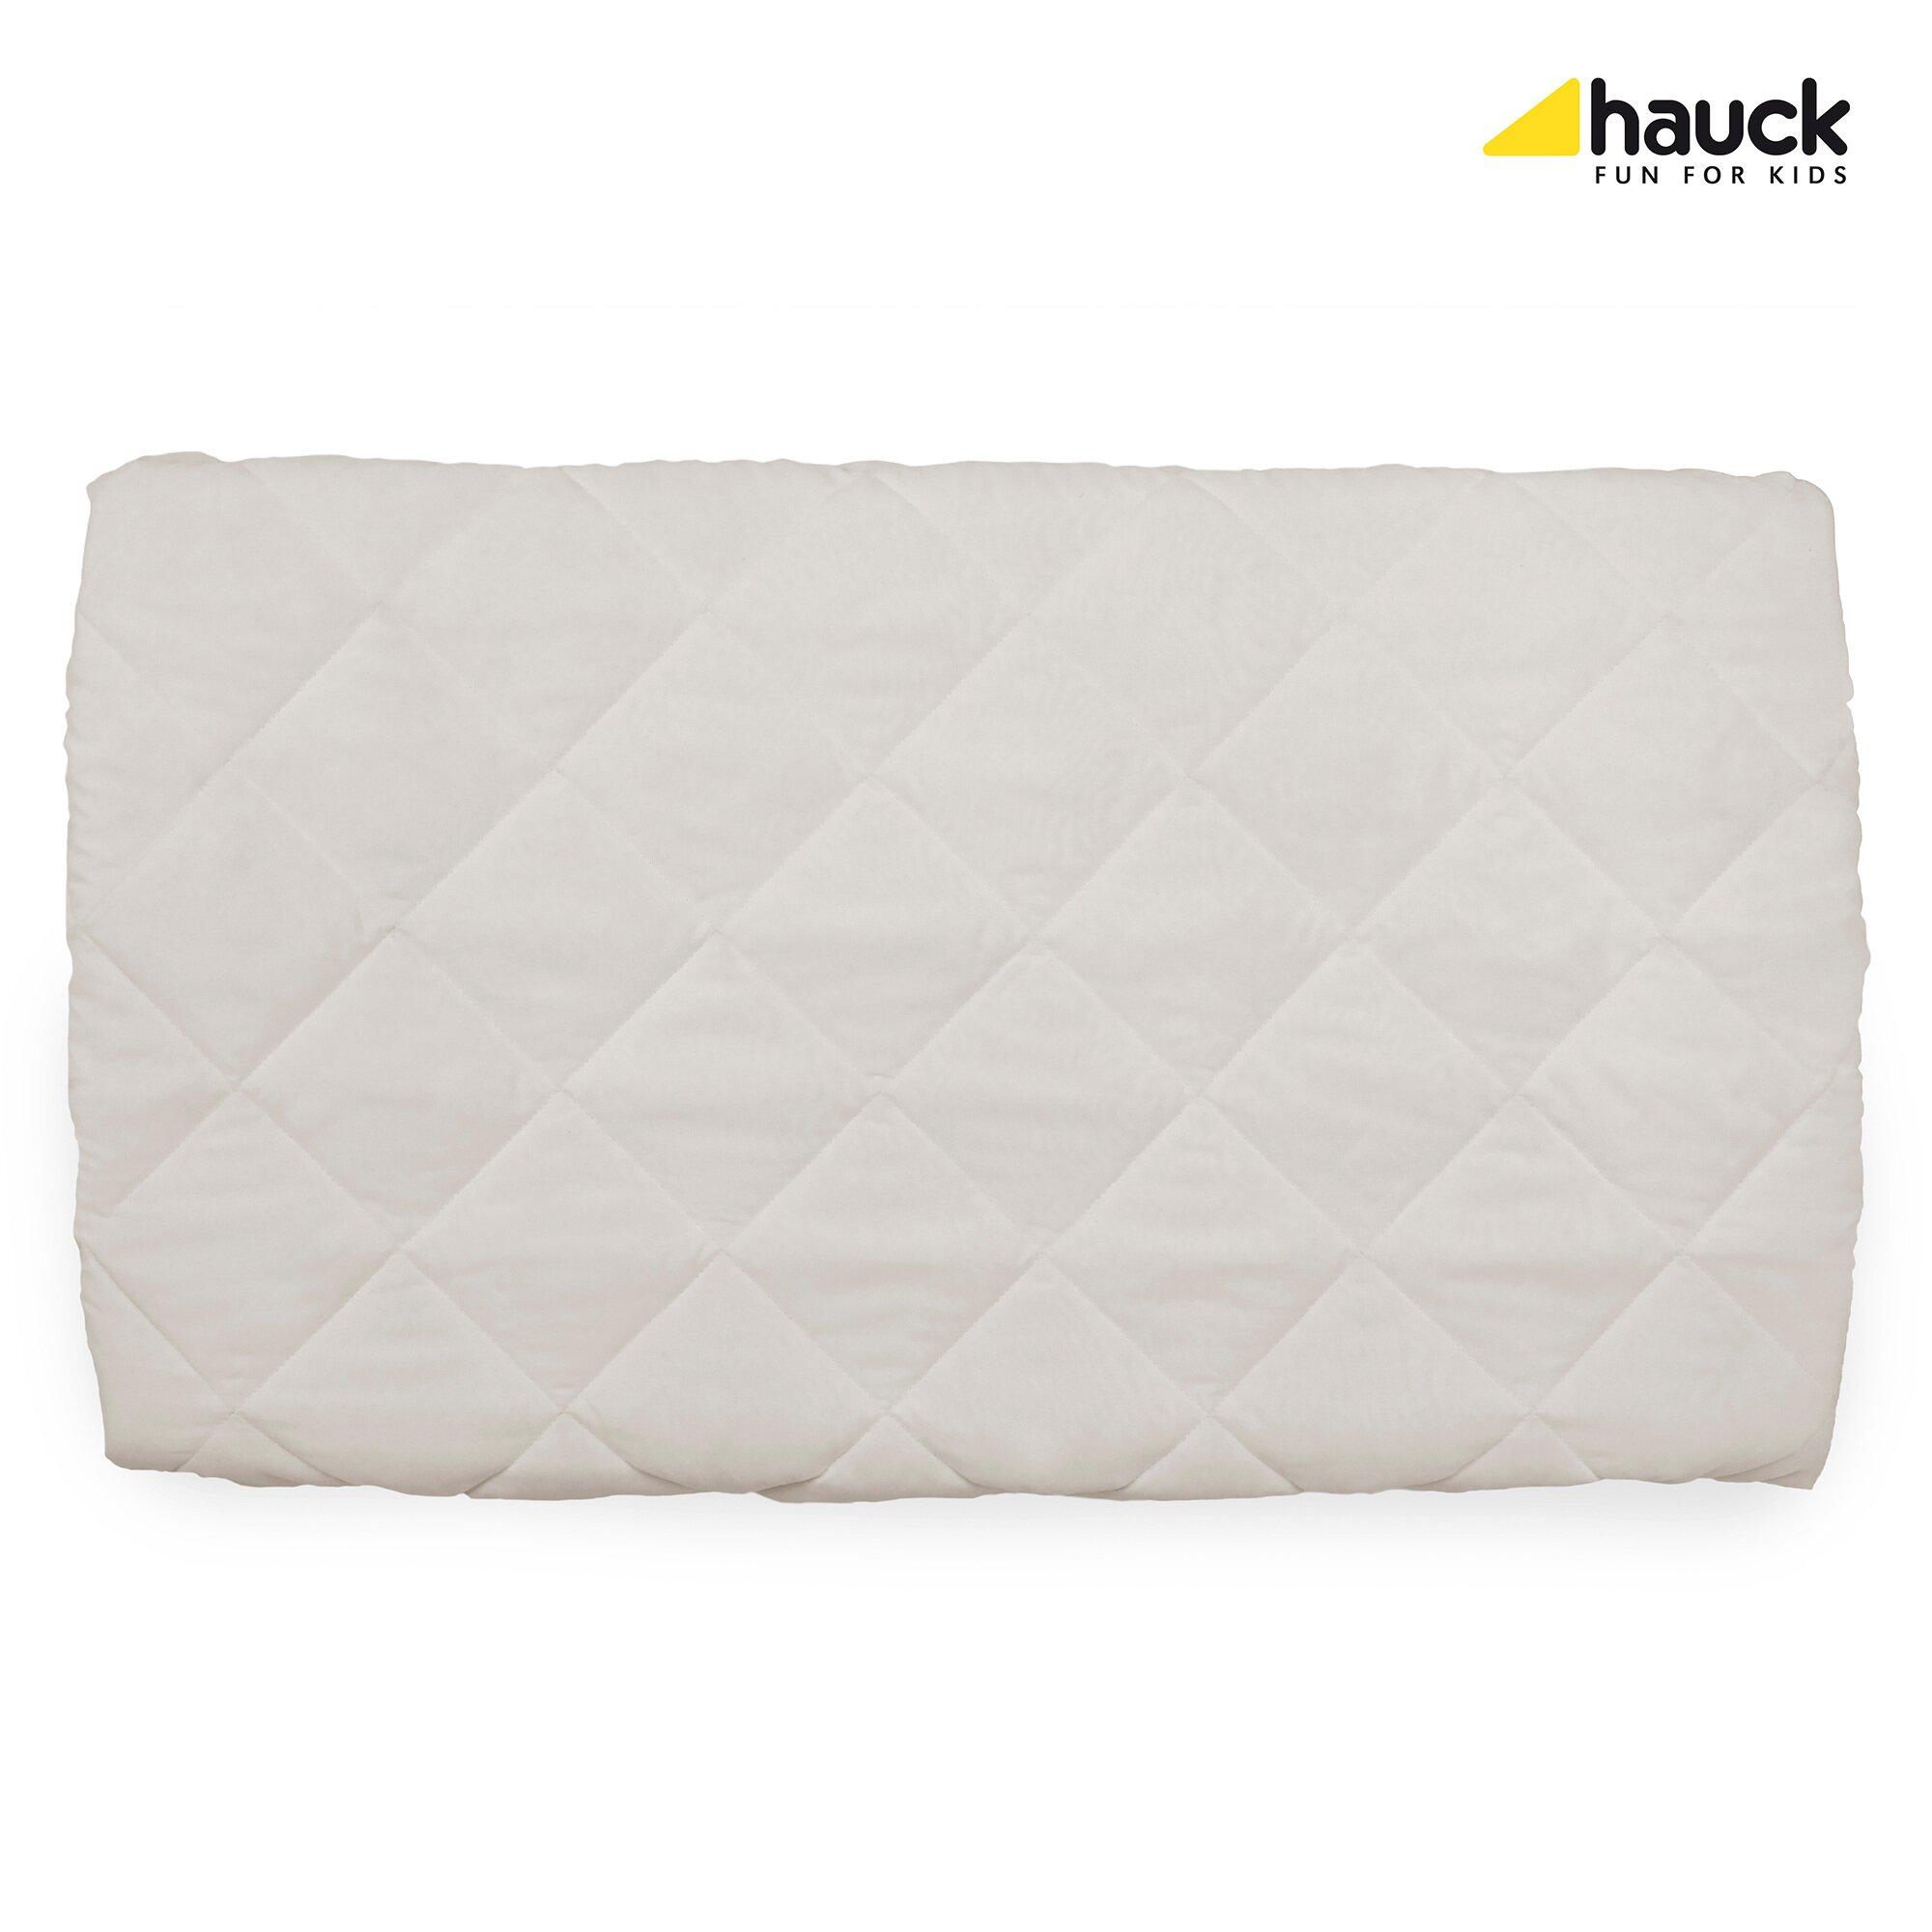 Hauck Spannbetttuch für Reisebett 80x50 cm weiss